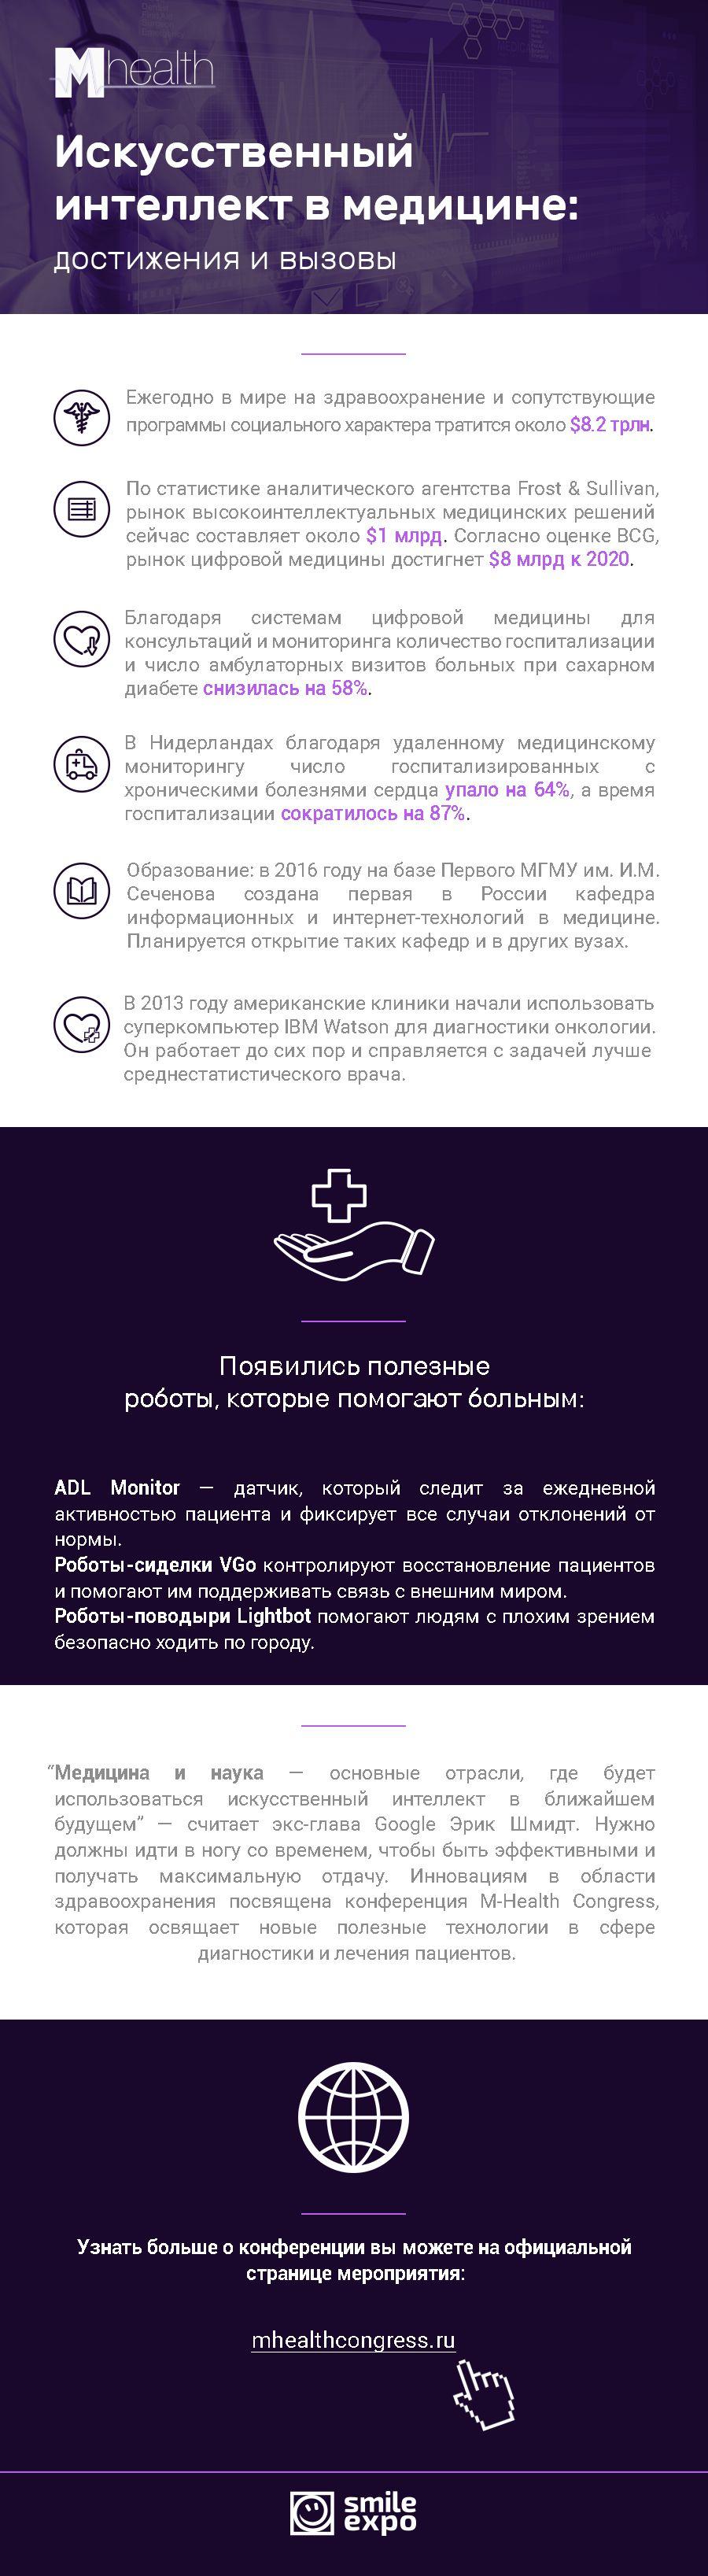 M-Health Congress: Искусственный интеллект в медицине. Инфографика